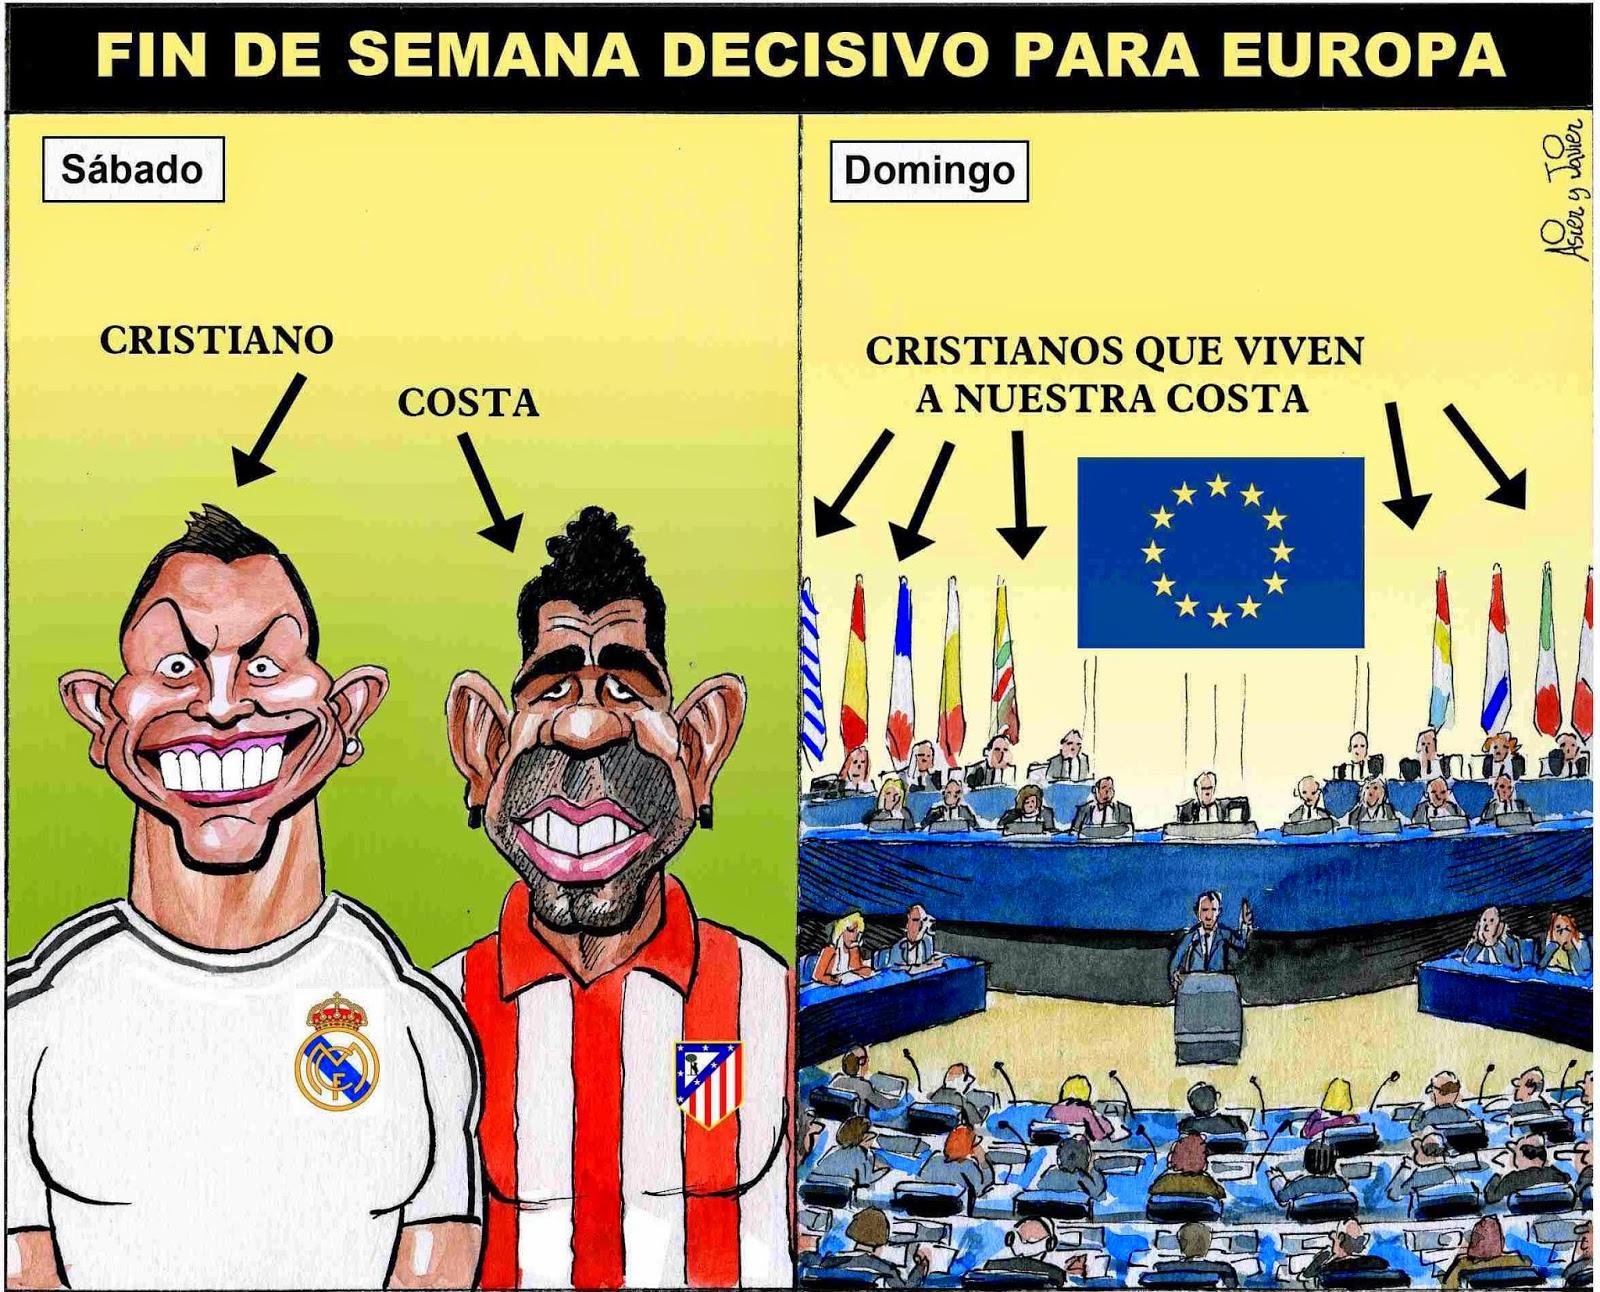 Viñeta humor Champions League-Elecciones europeas por Asier y Javier